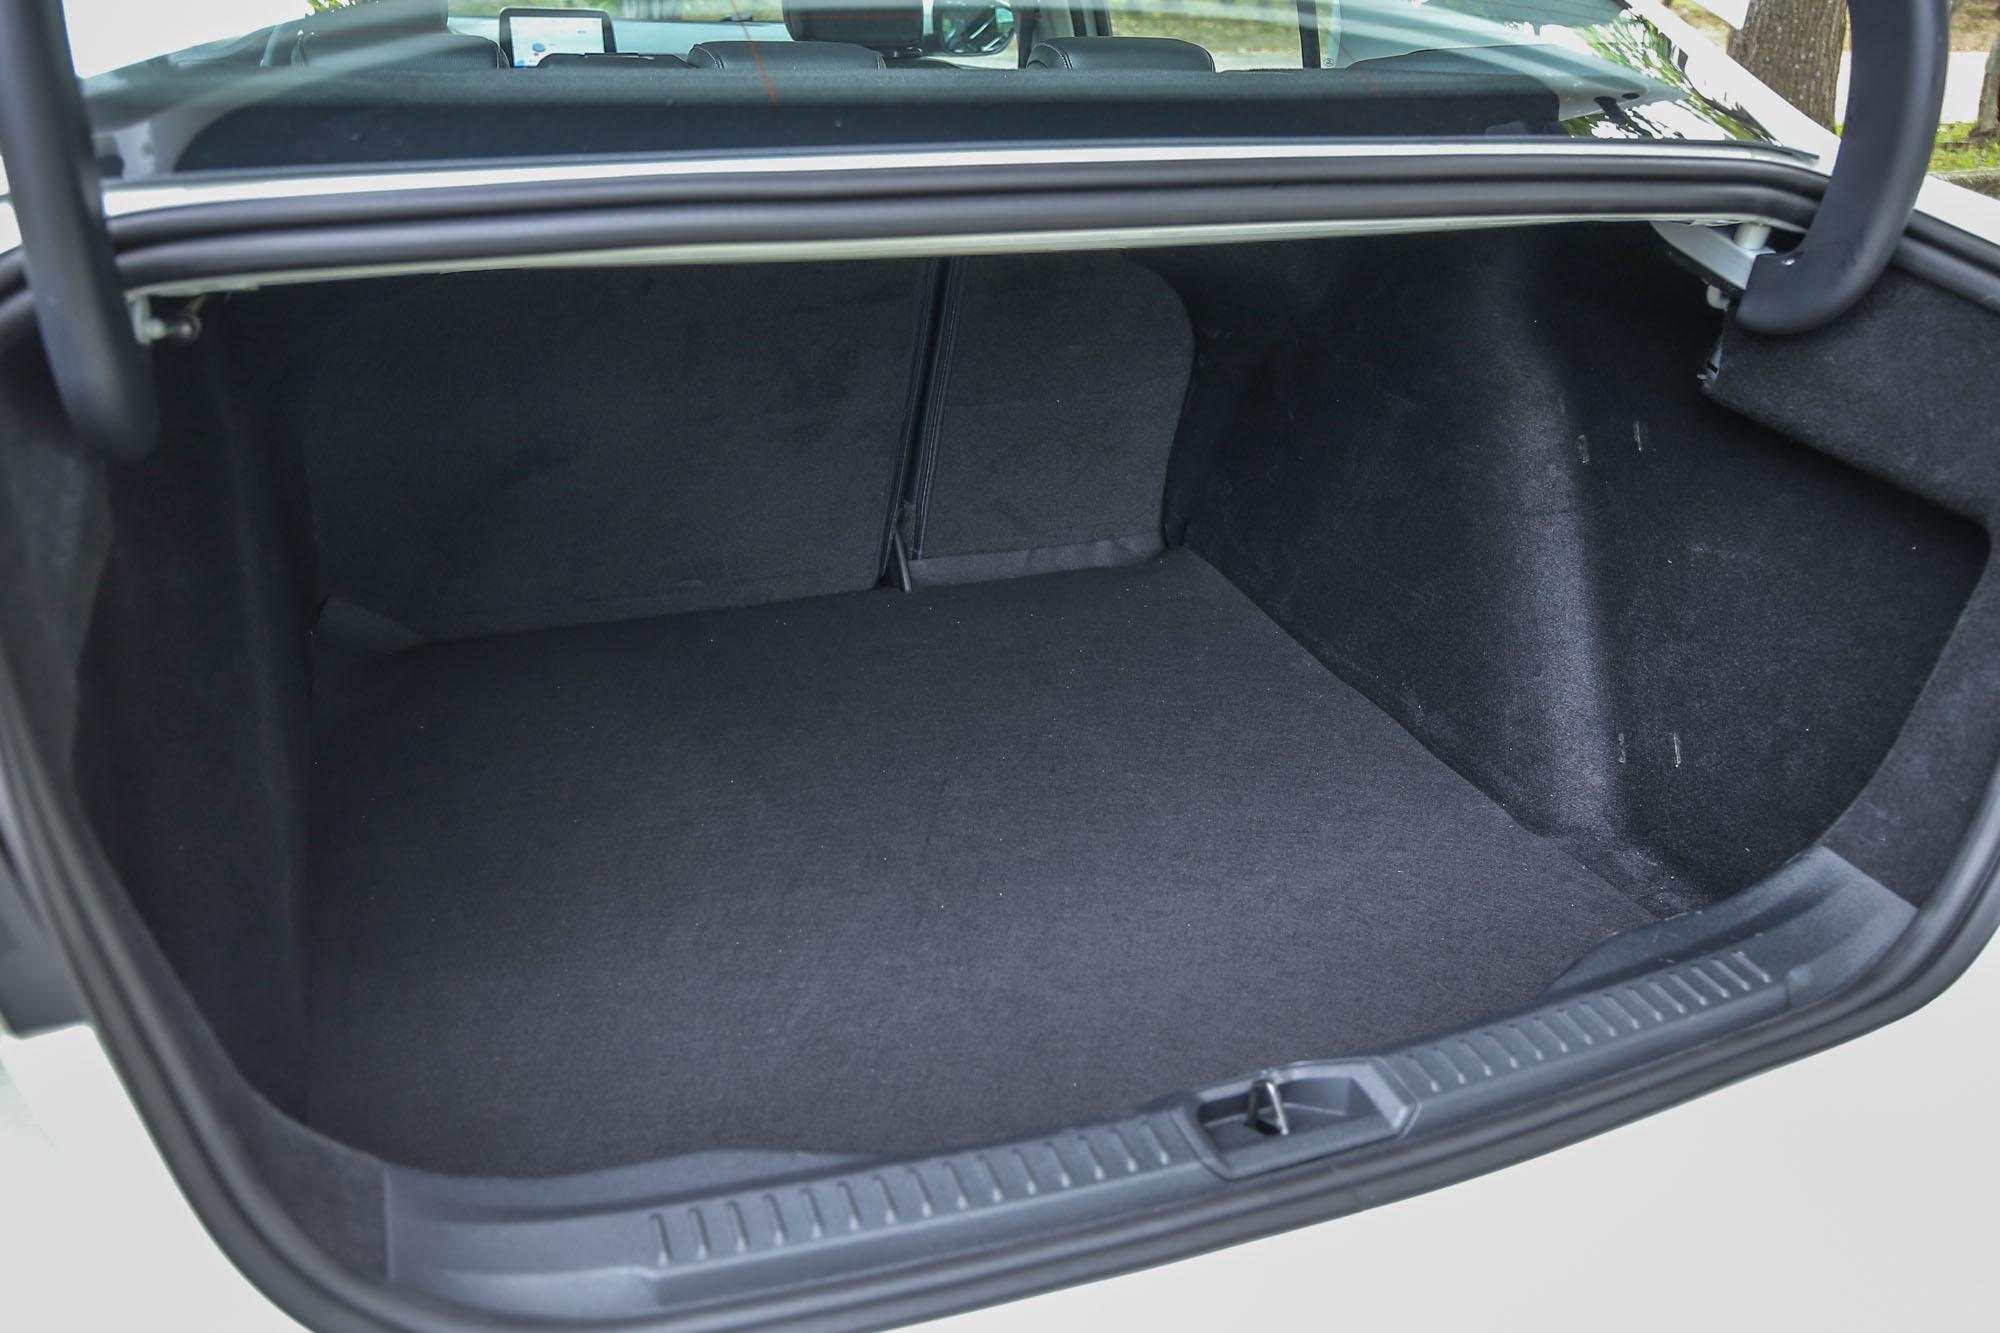 EcoBoost 182 17TSR 四門車型後廂容積為 511 公升,其他四門車型則為 539 公升。